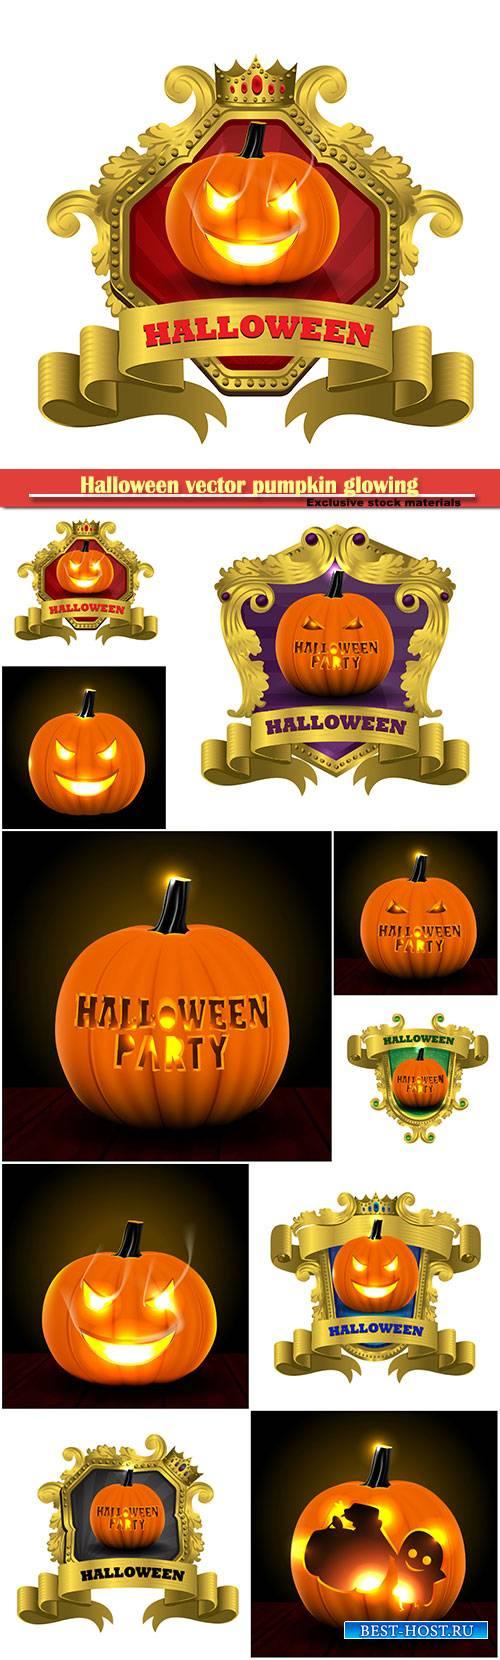 Halloween vector pumpkin glowing in darkness